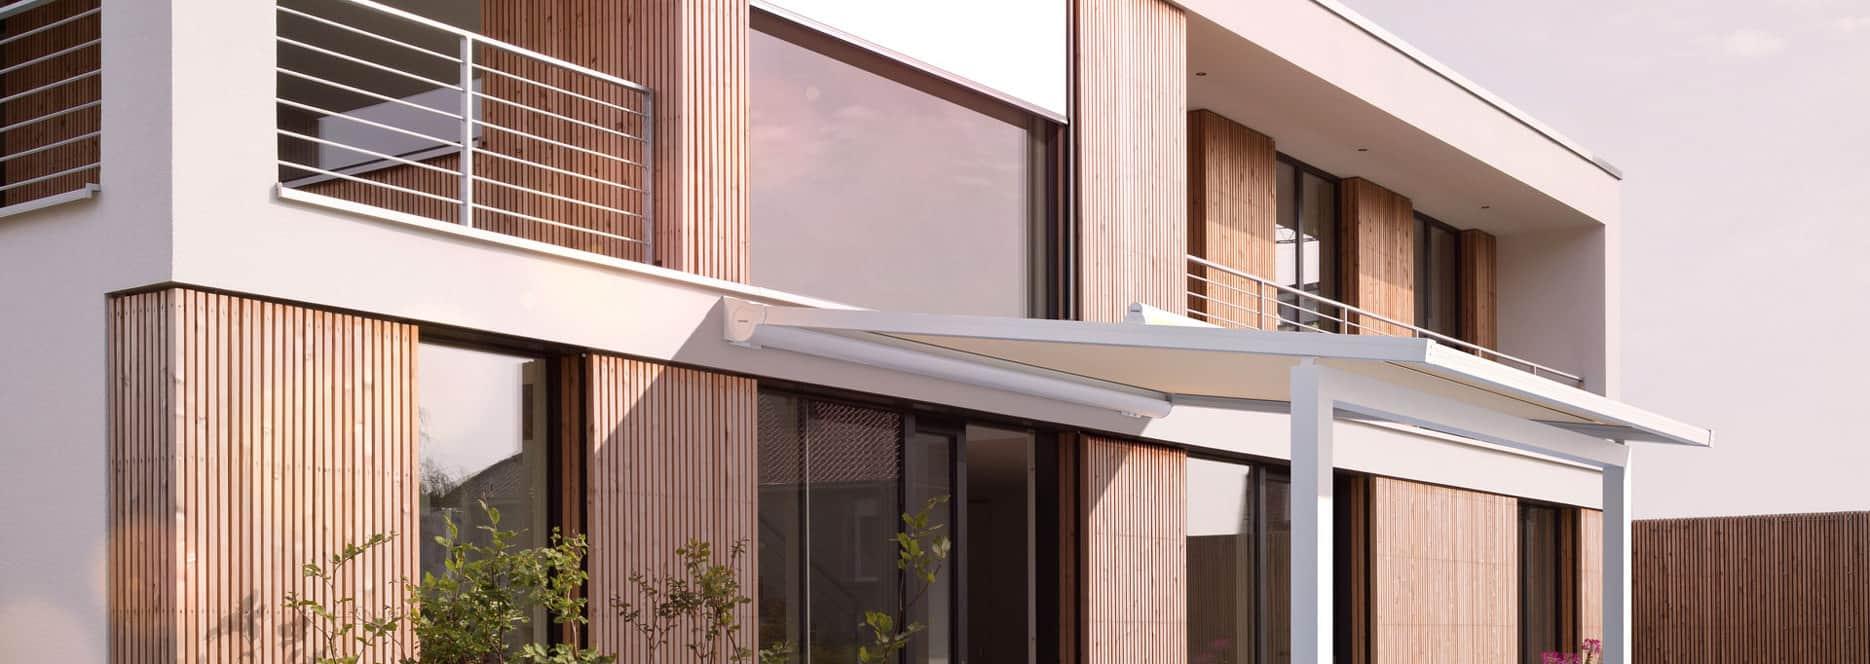 Warema P60 Roof Blind Pergola